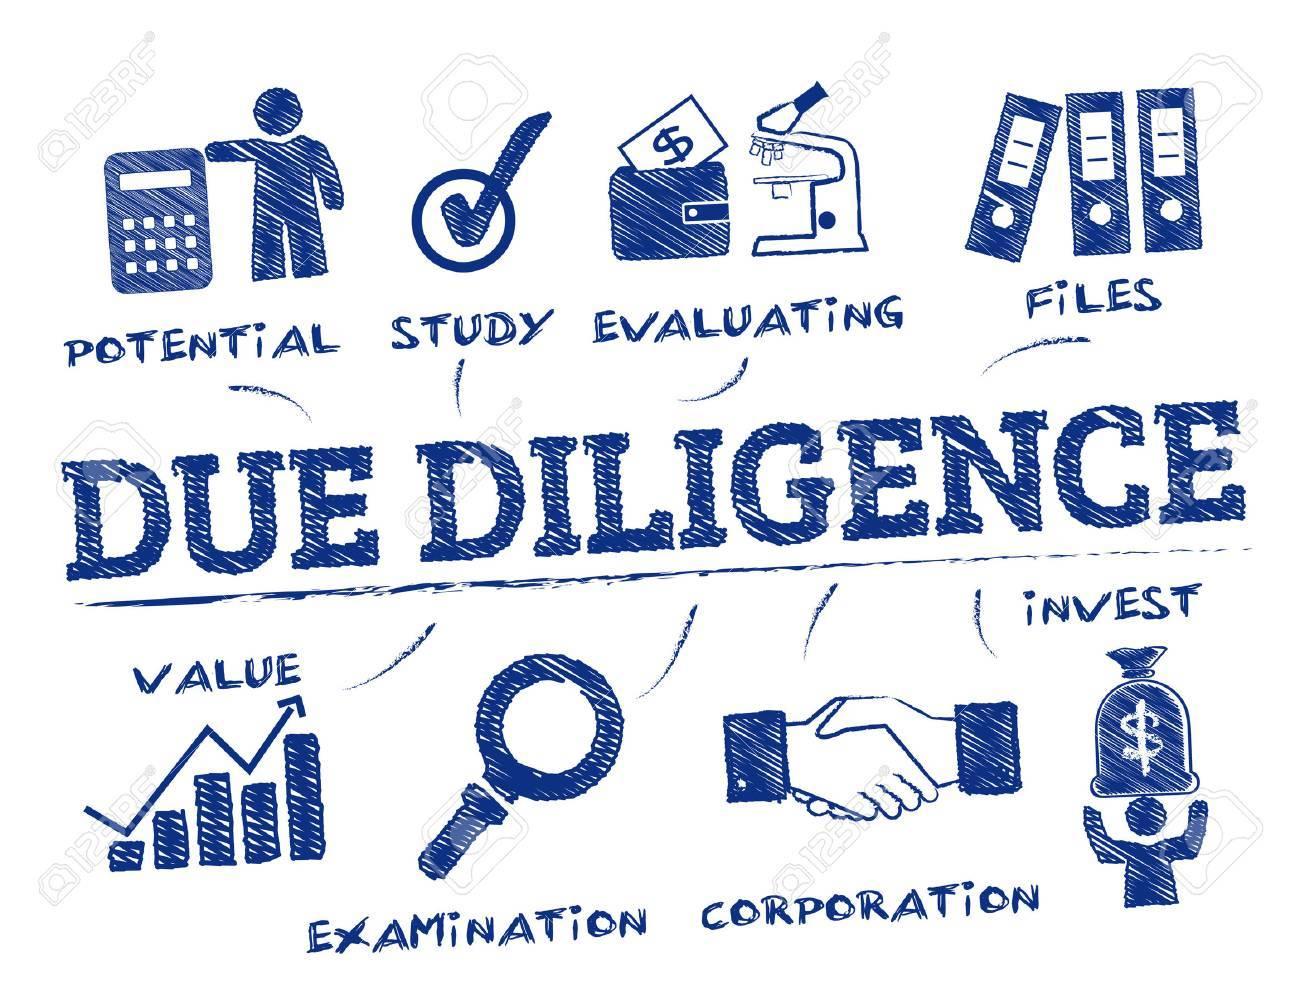 مفهوم راستی آزمایی (Due Diligence) چیست؟